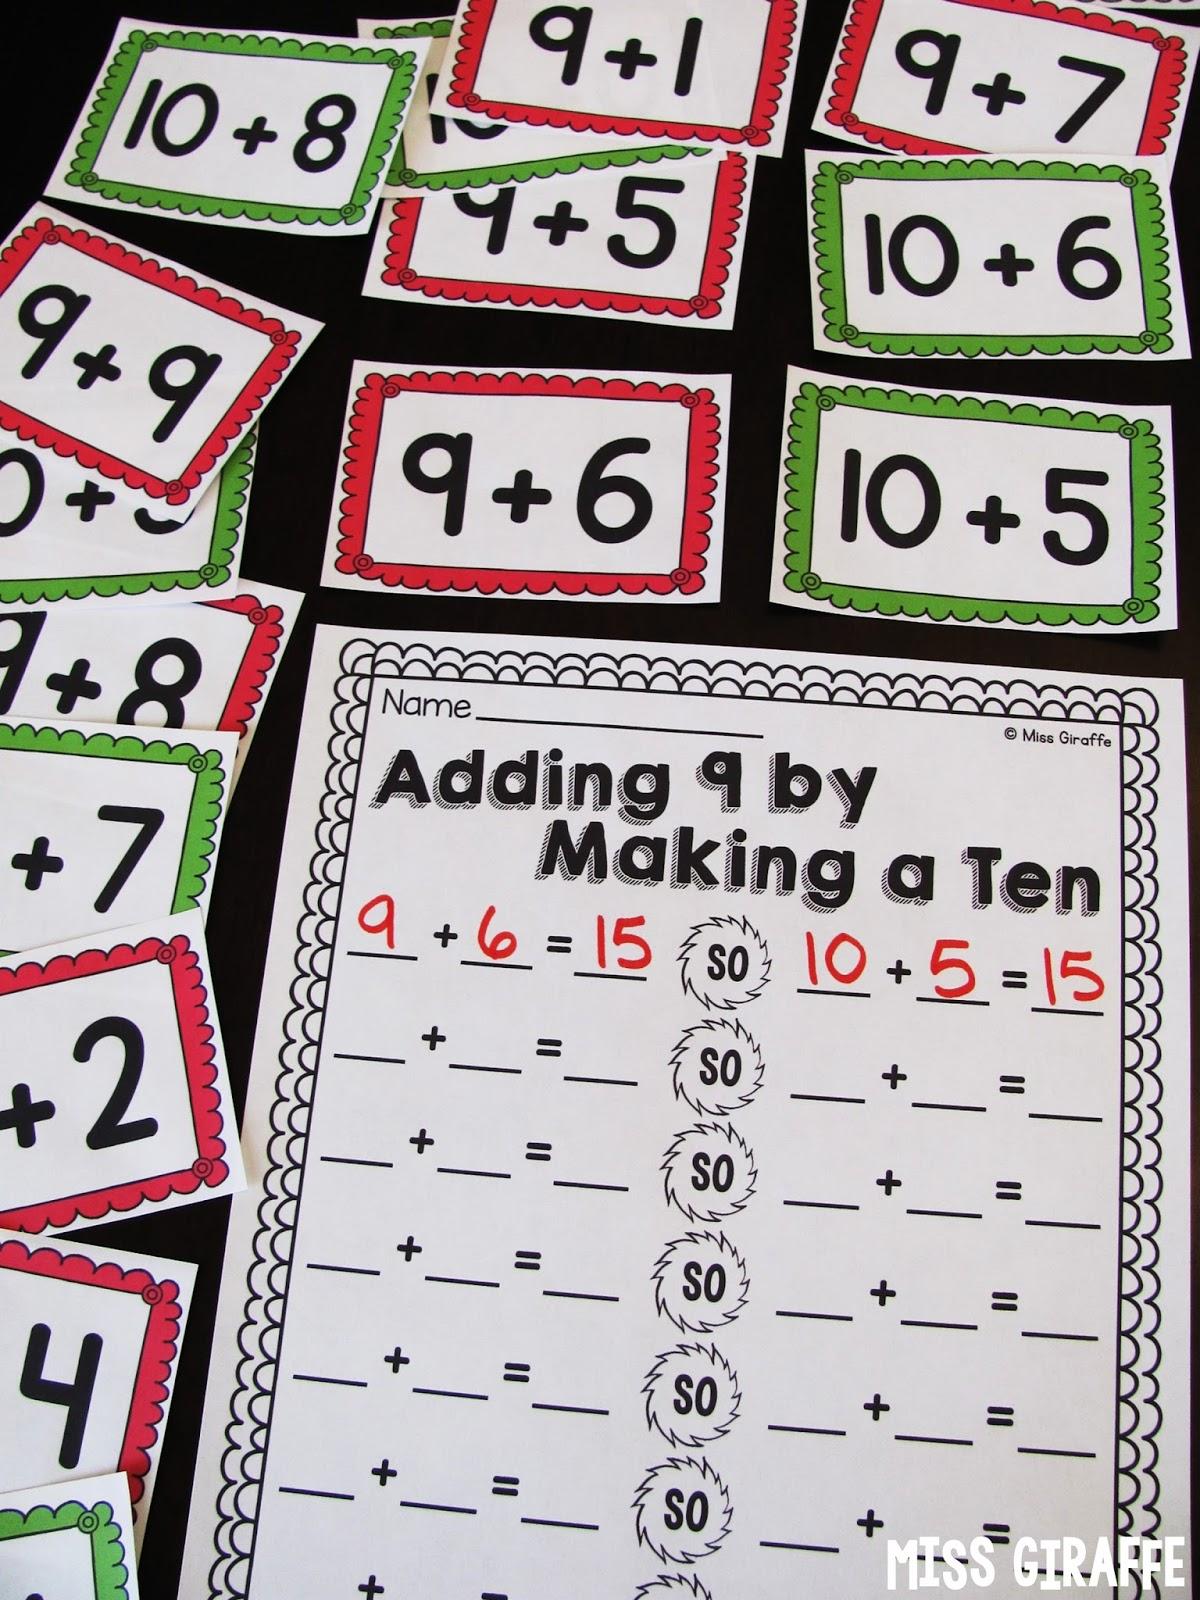 Miss Giraffes Class Making A 10 To Add